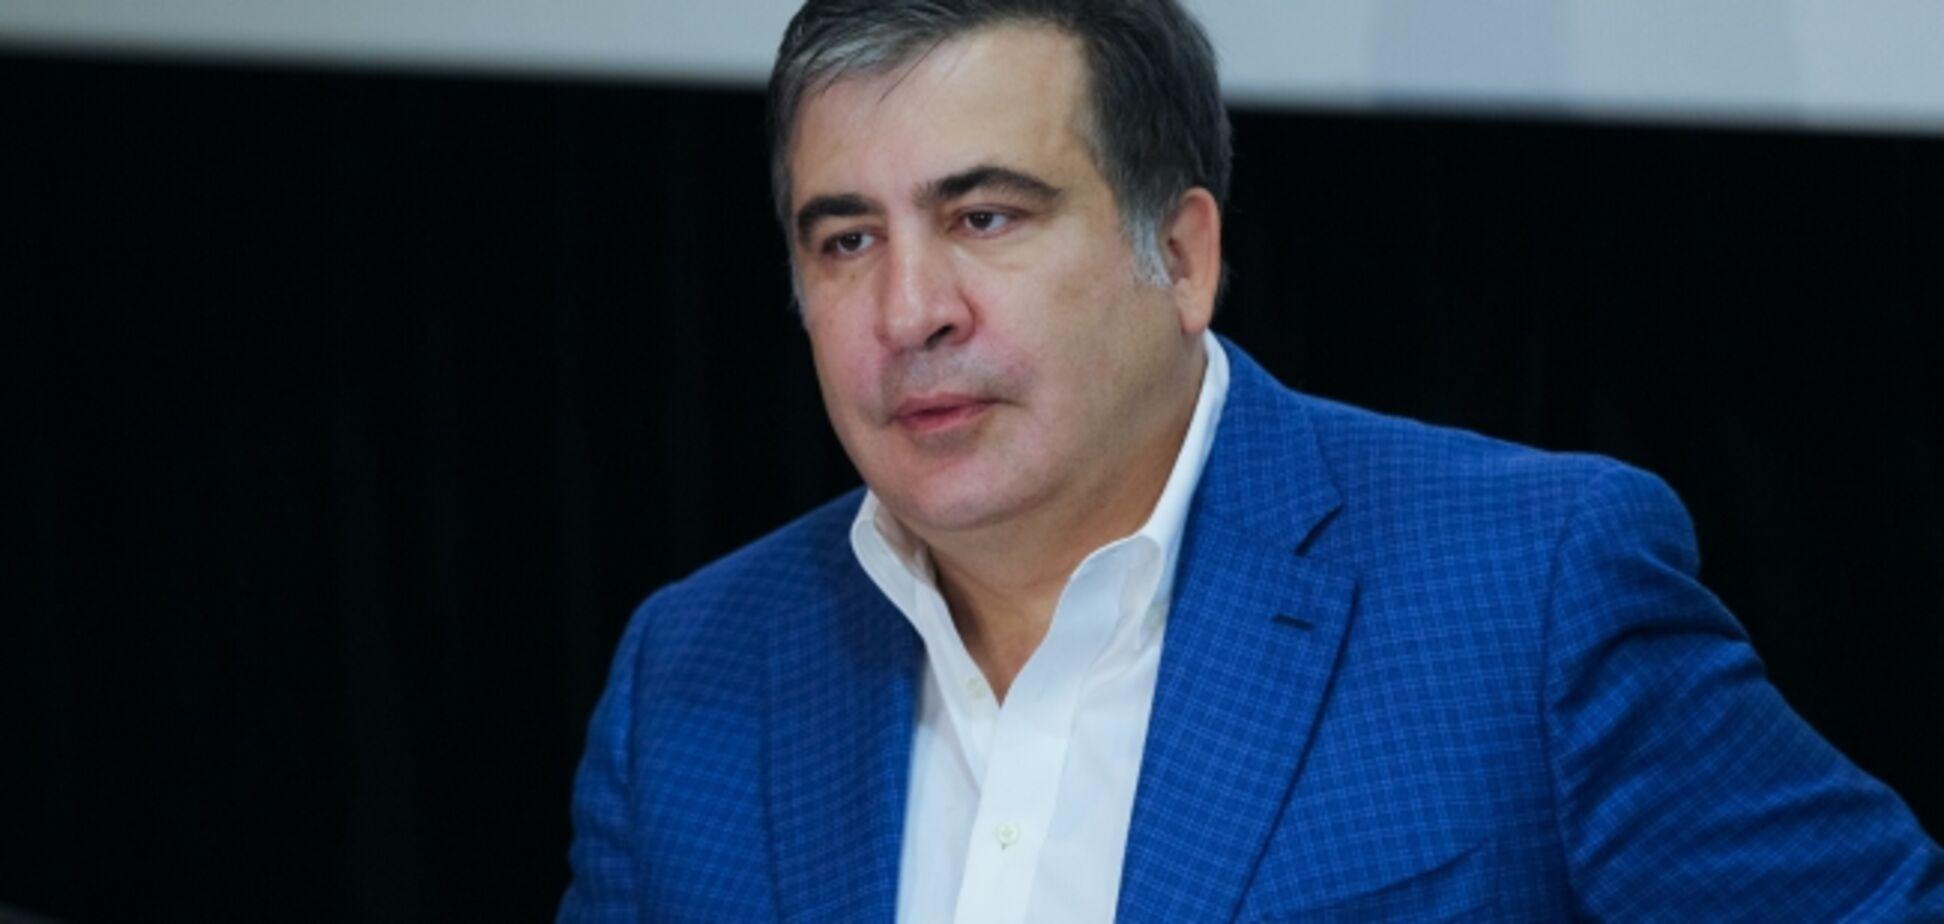 'Я возвращаюсь в Украину': Саакашвили рассказал, как и когда пересечет границу